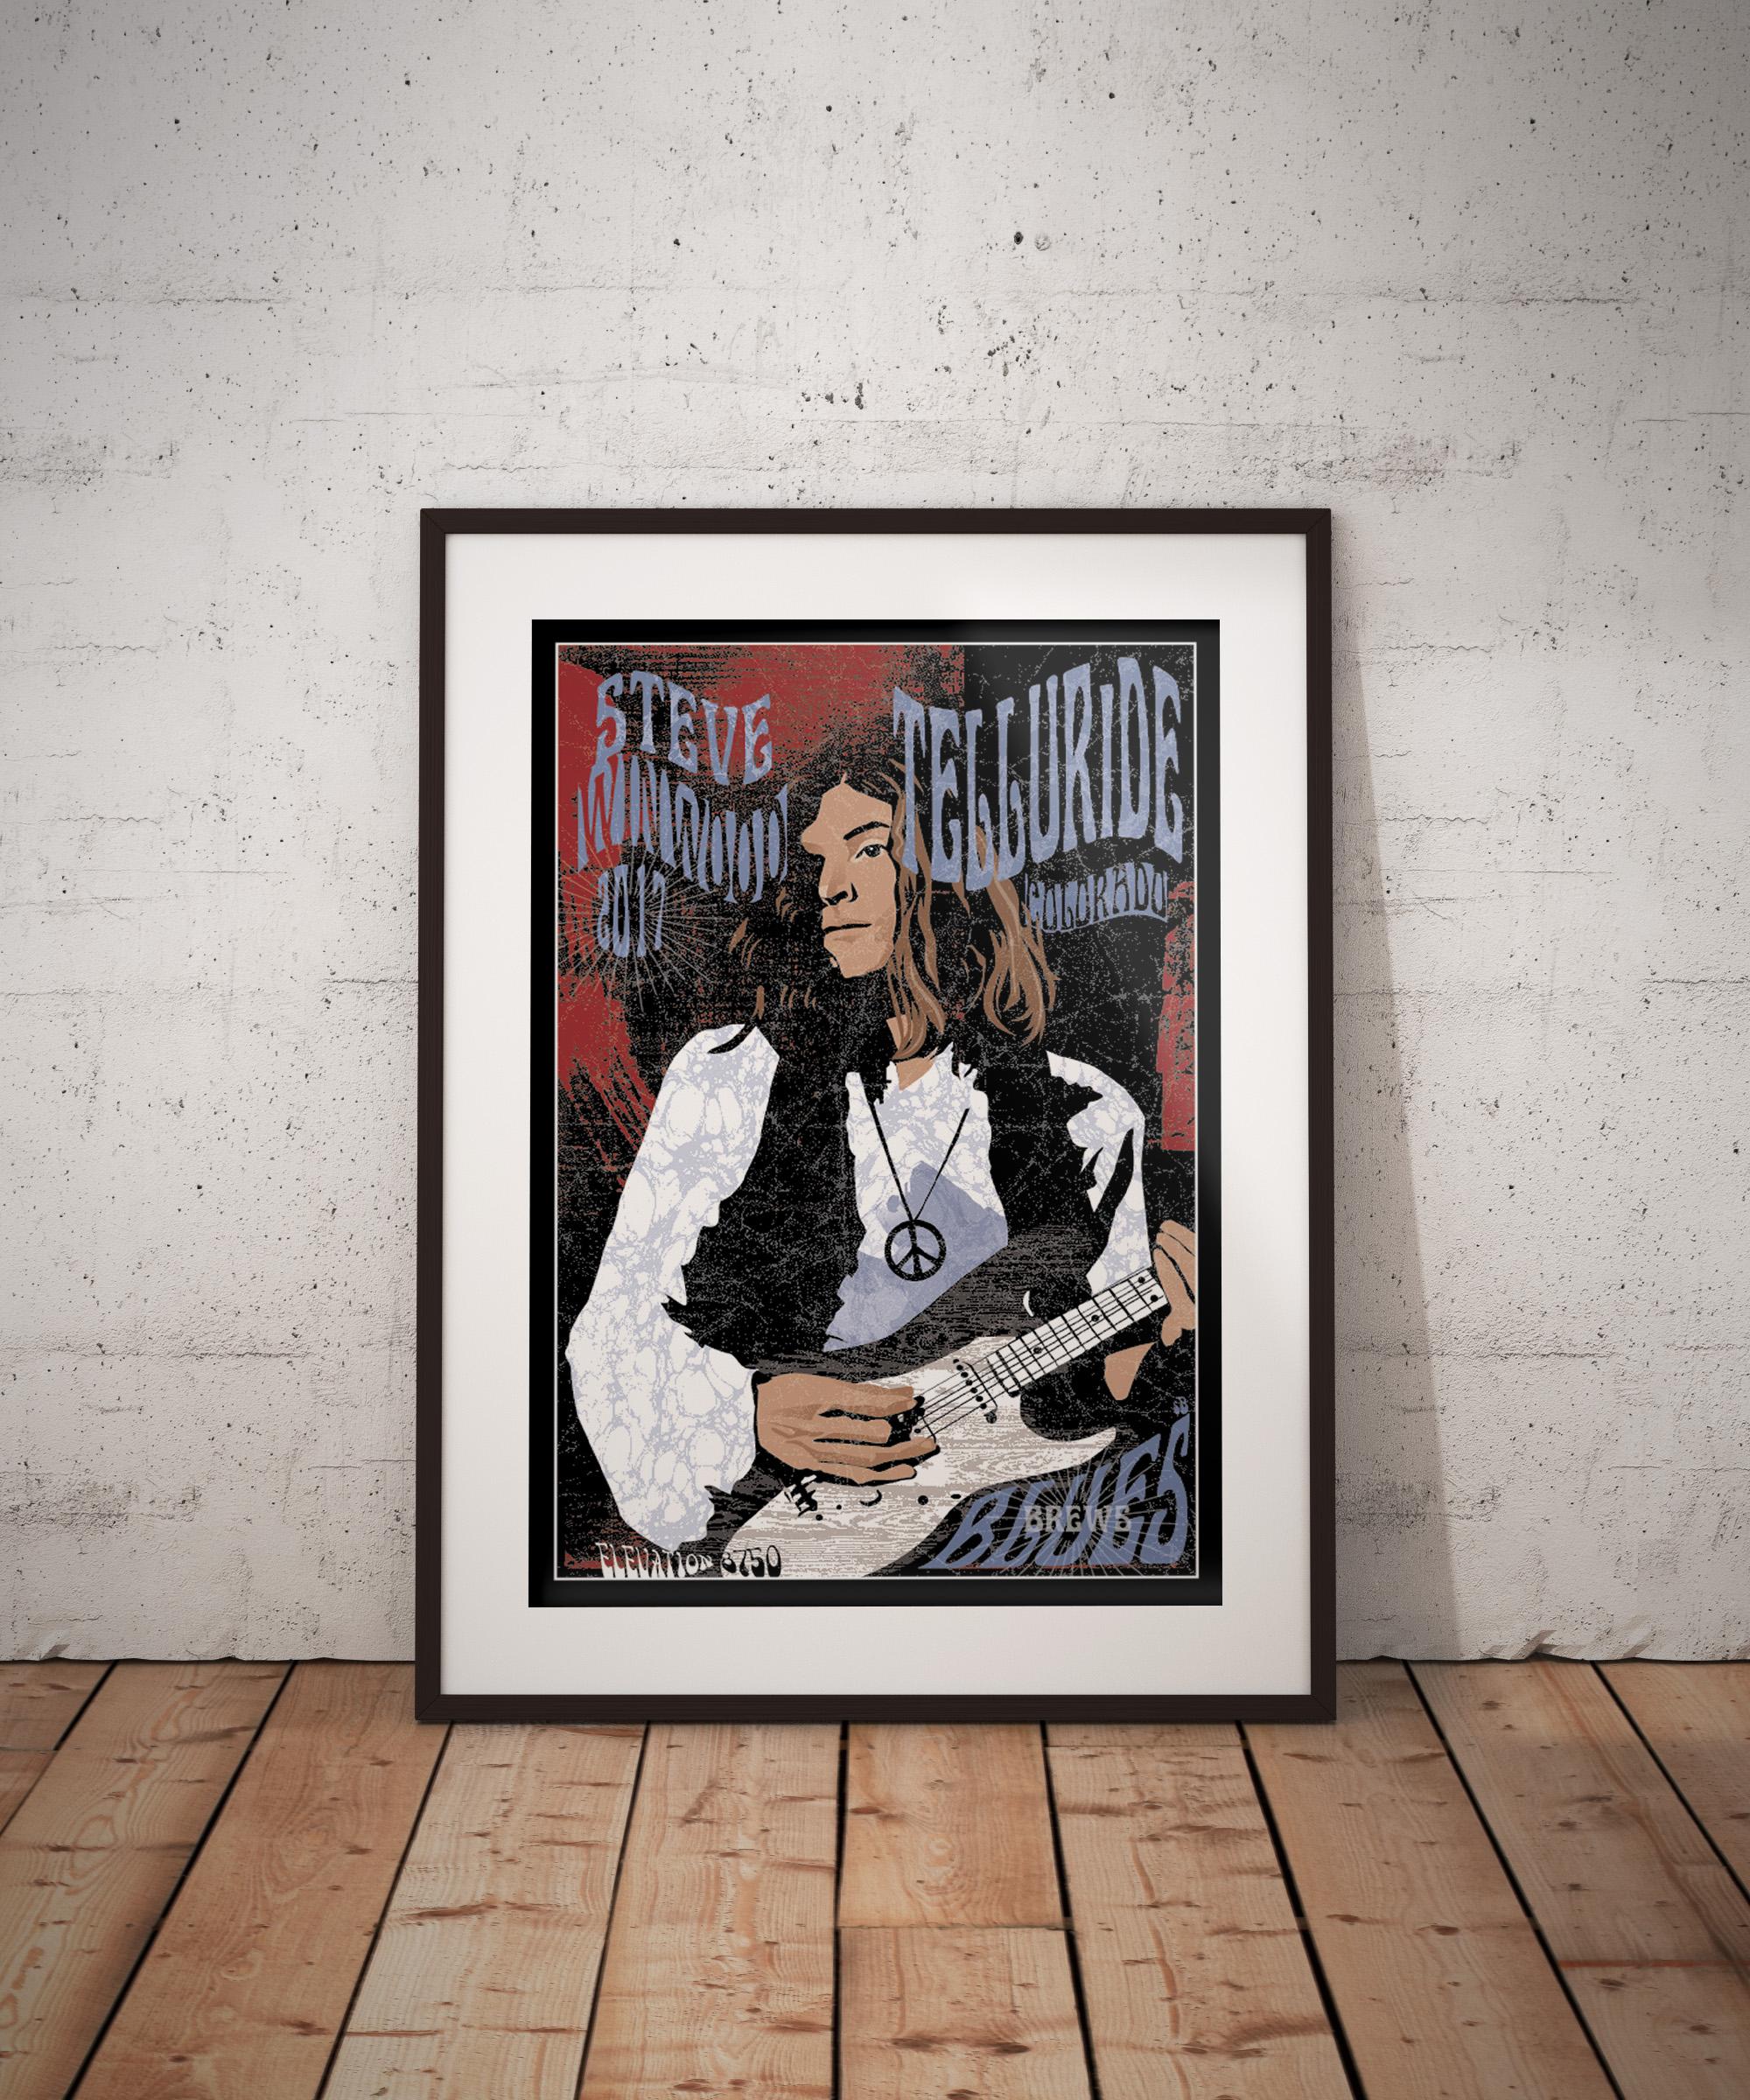 poster-mockup_Telluride STEVE WINNWOOOD.jpg